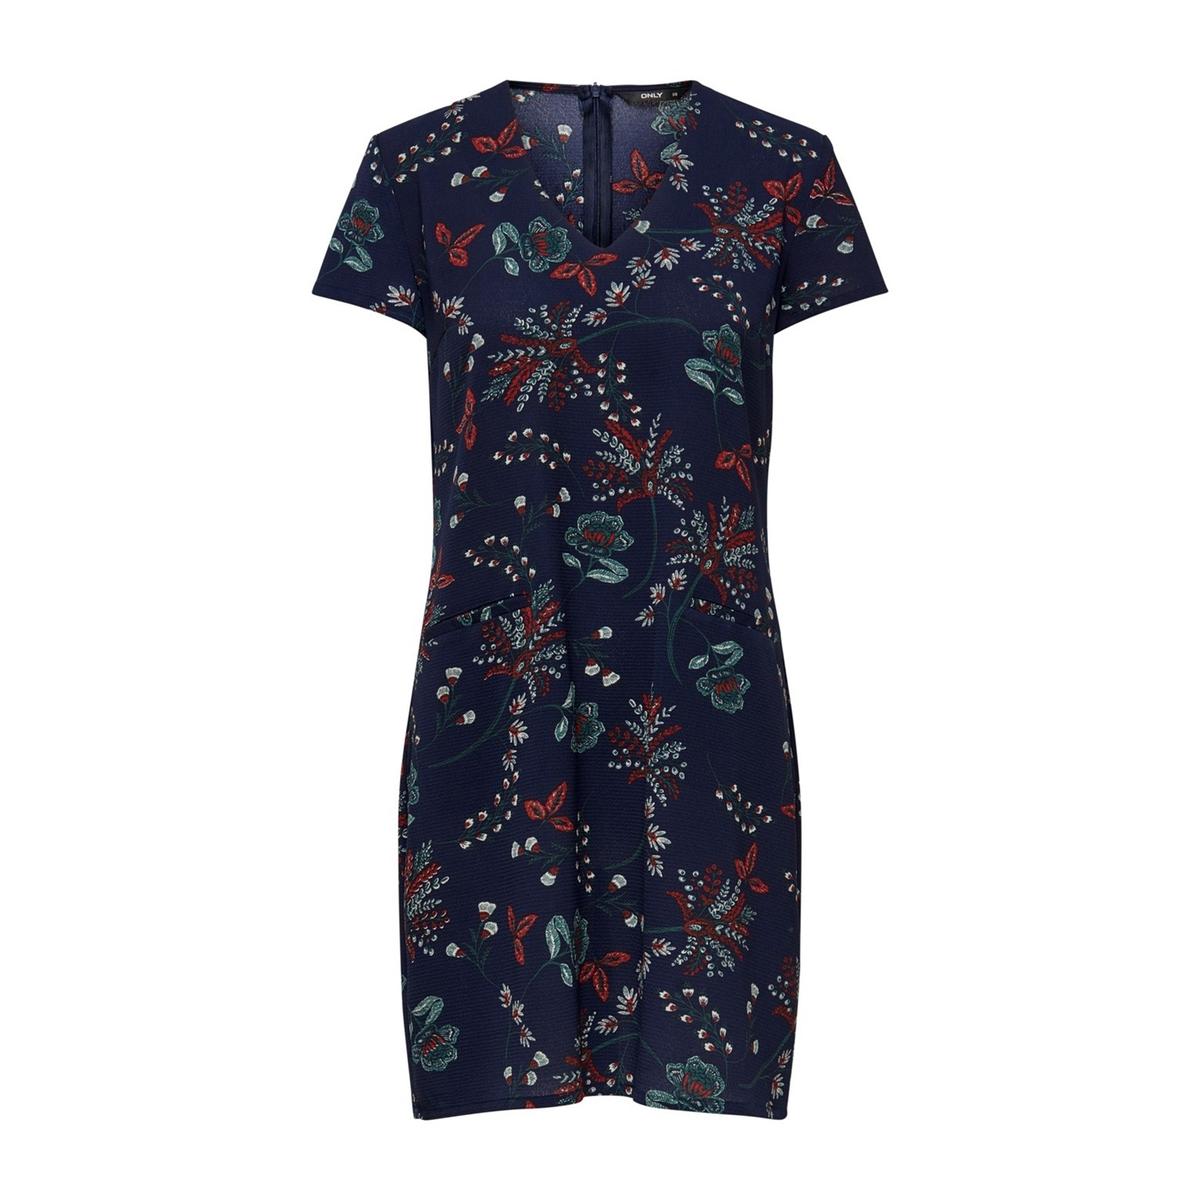 Платье La Redoute Прямое с цветочным рисунком и короткими рукавами 36 (FR) - 42 (RUS) синий платье прямое с цветочным рисунком и контрастной полосой сзади